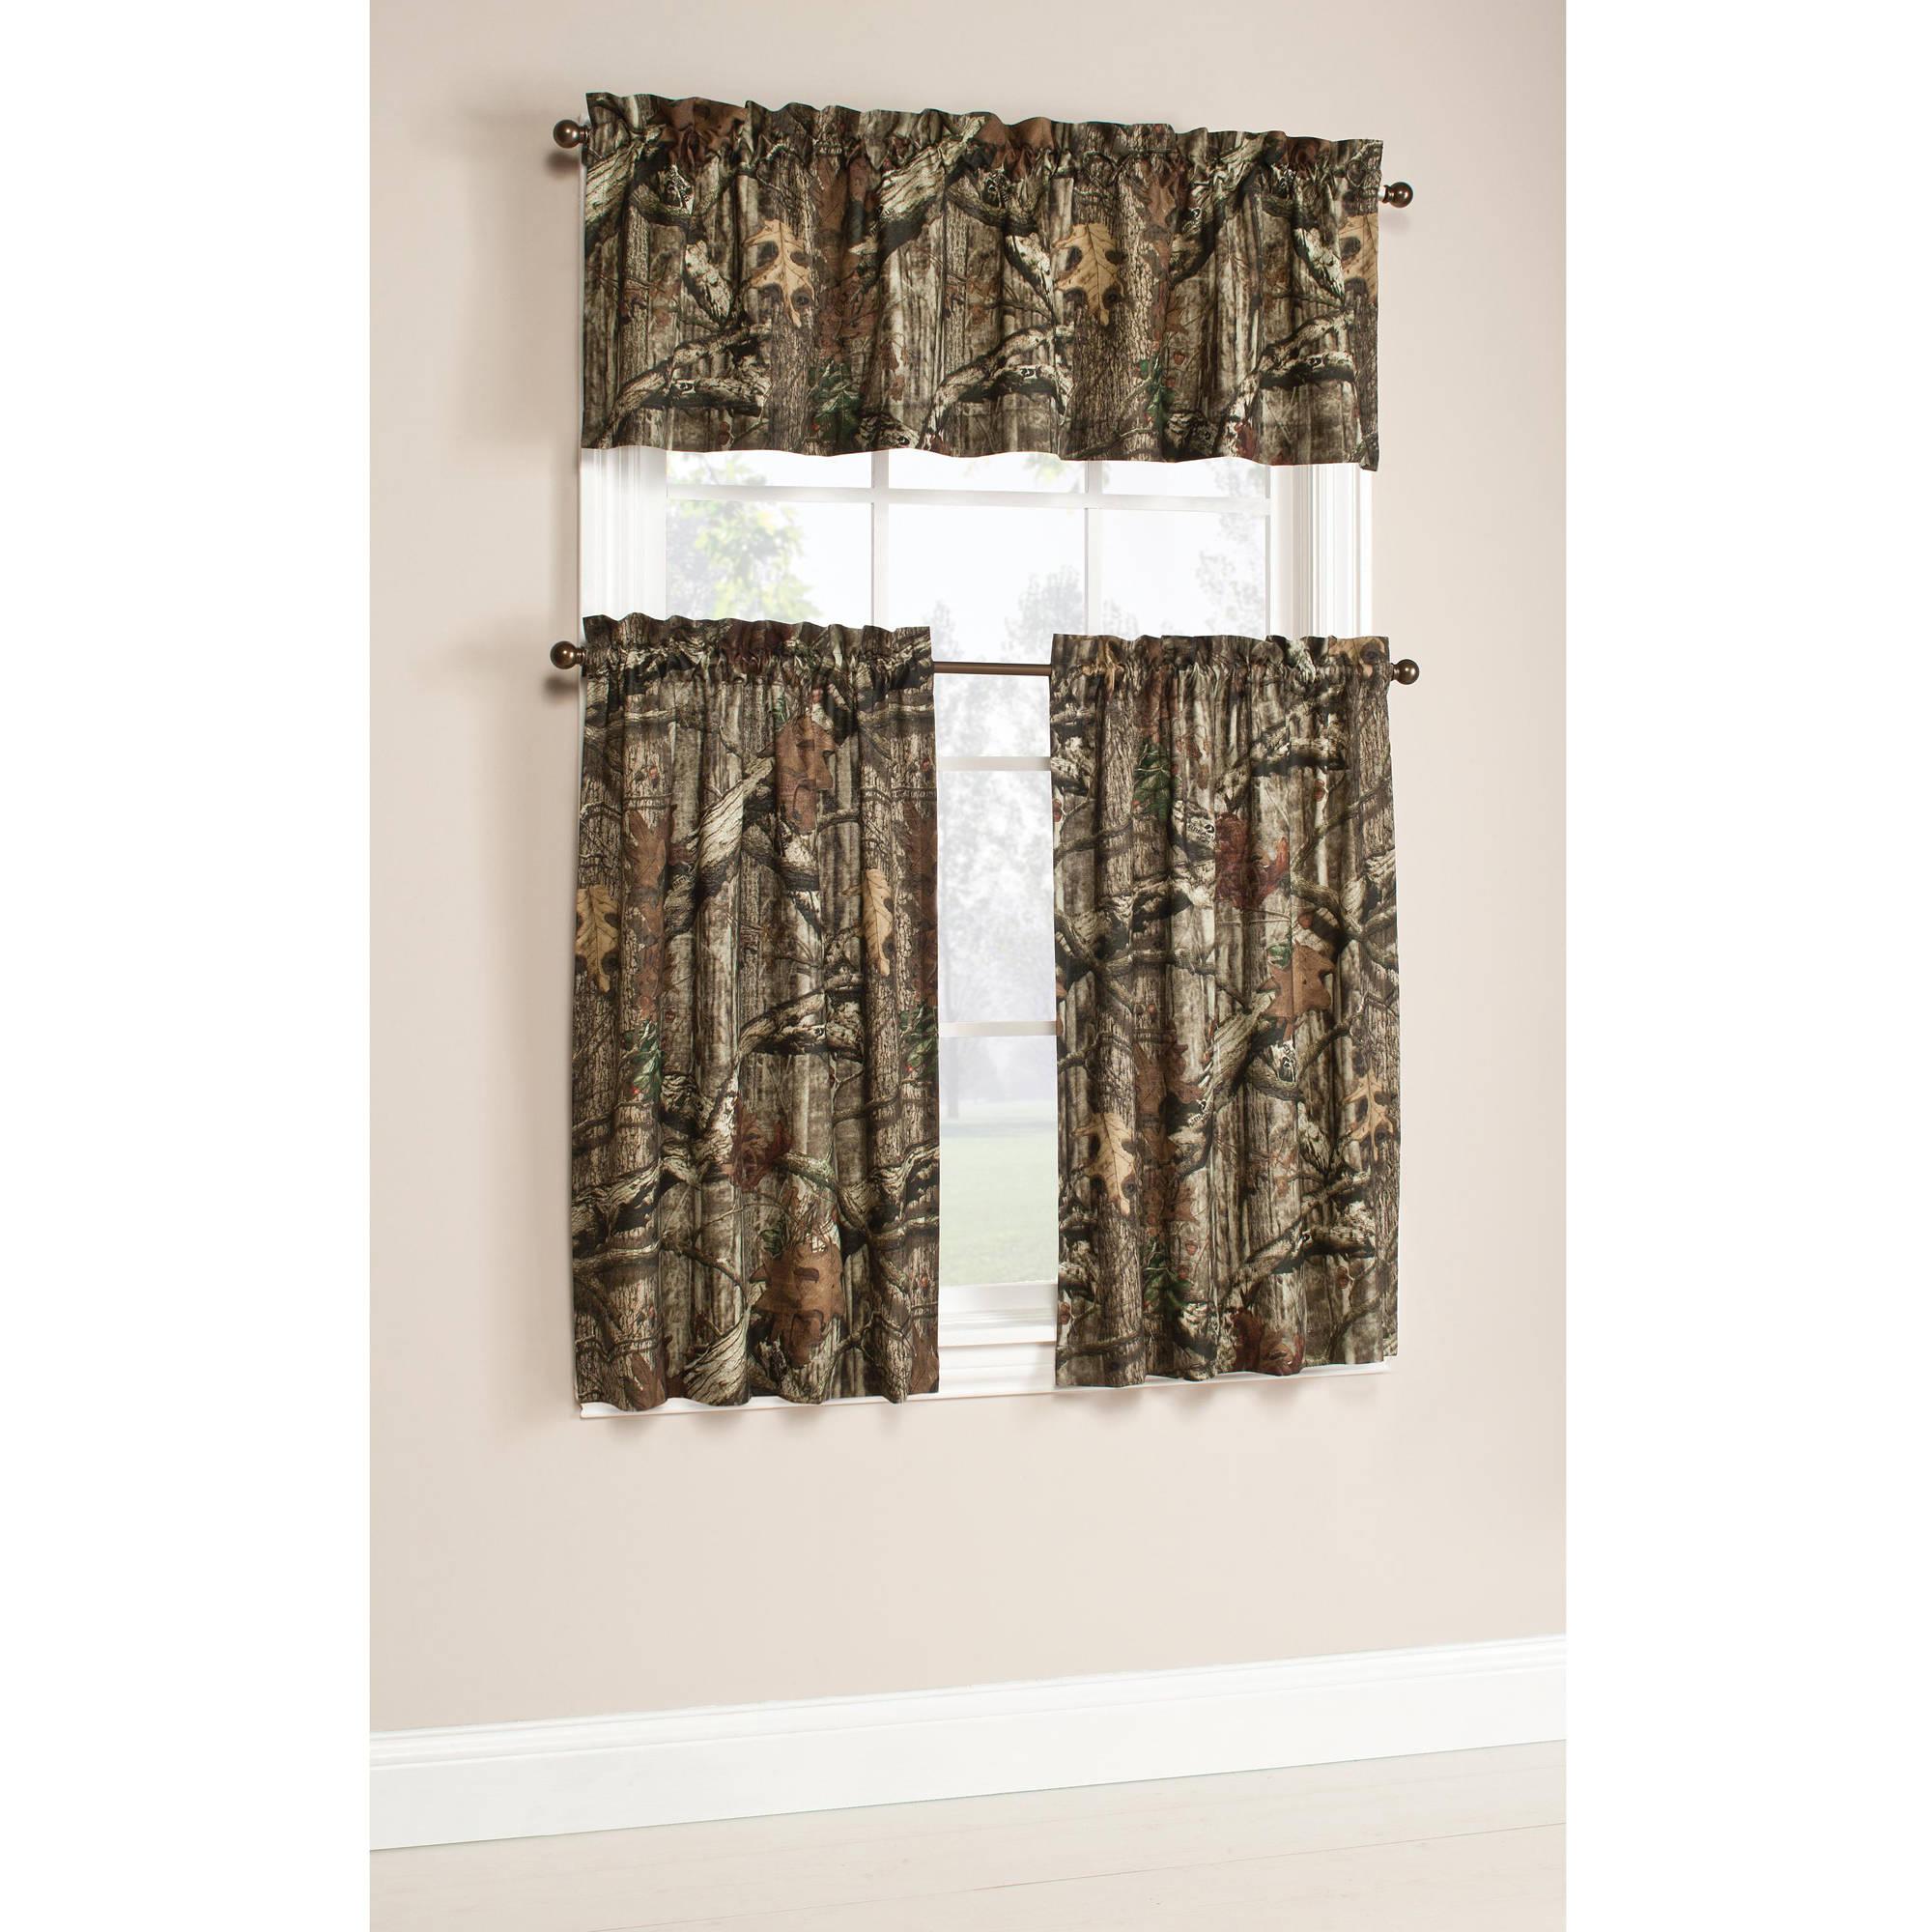 Mossy oak break up infinity camouflage print window curtain panels